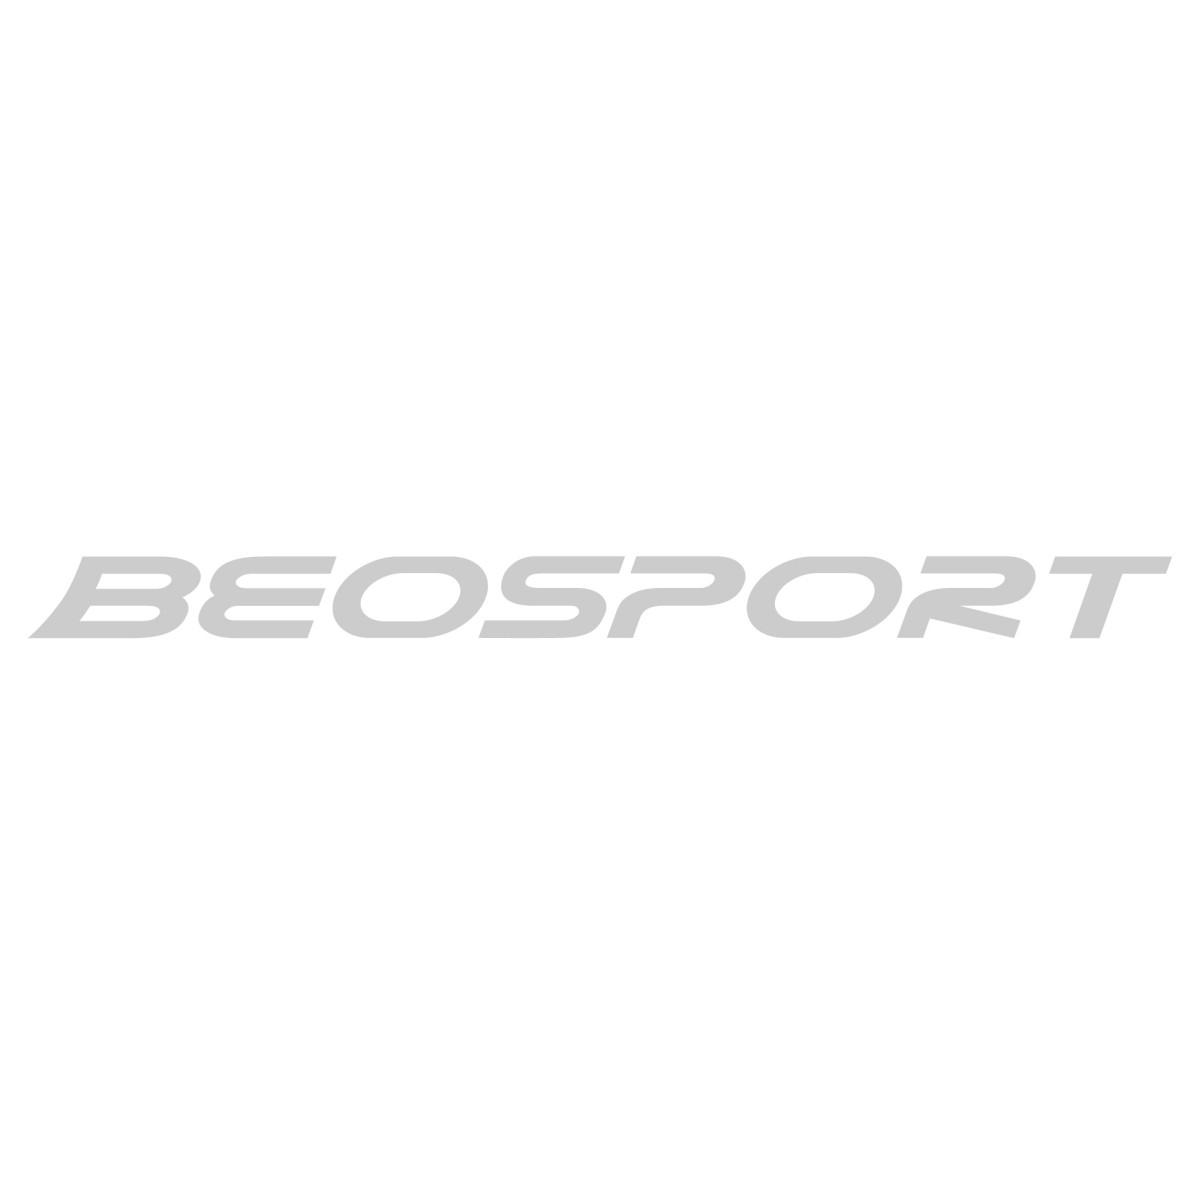 K2 Kočnica za rolere RE S132EA (S928)